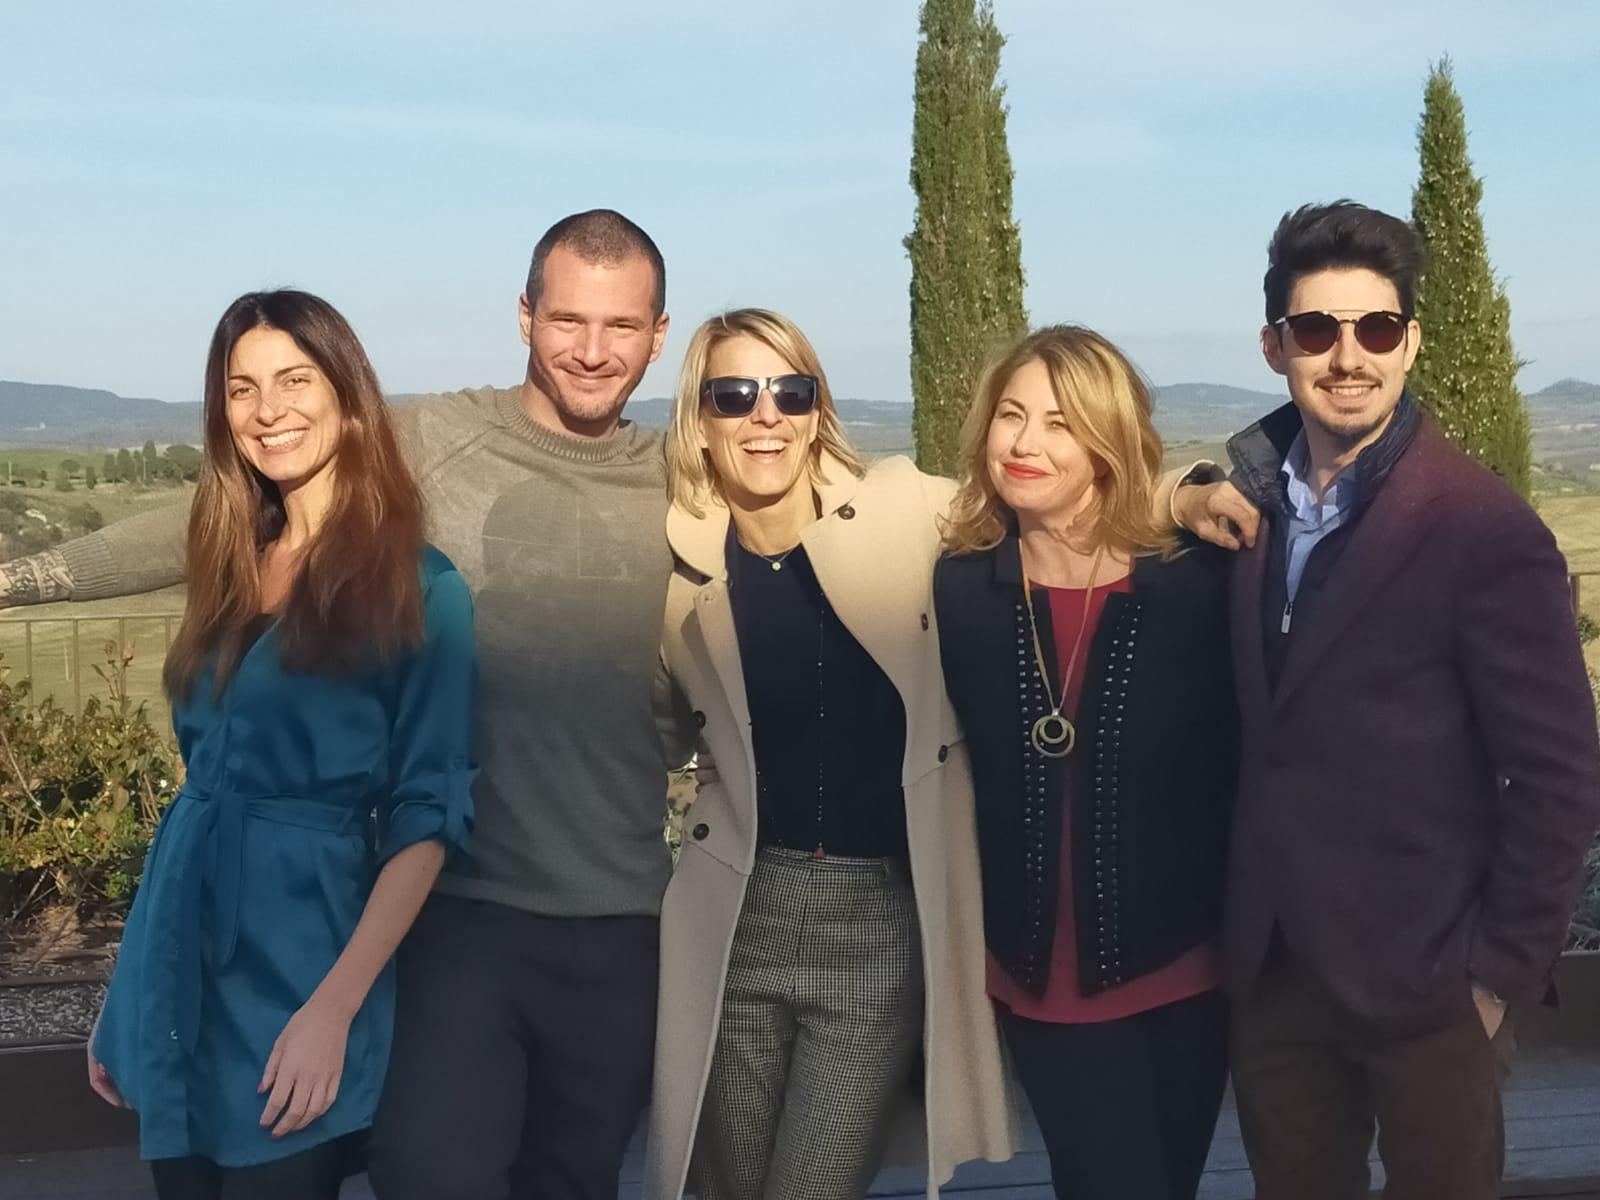 Chiara Giannotti Vino.Tv, Adriano Amoretti di Cantina Social, Giulia Dirindelli e Teresa Caniato di GD Comunicazione, Emanuele Trono di Enoblogger